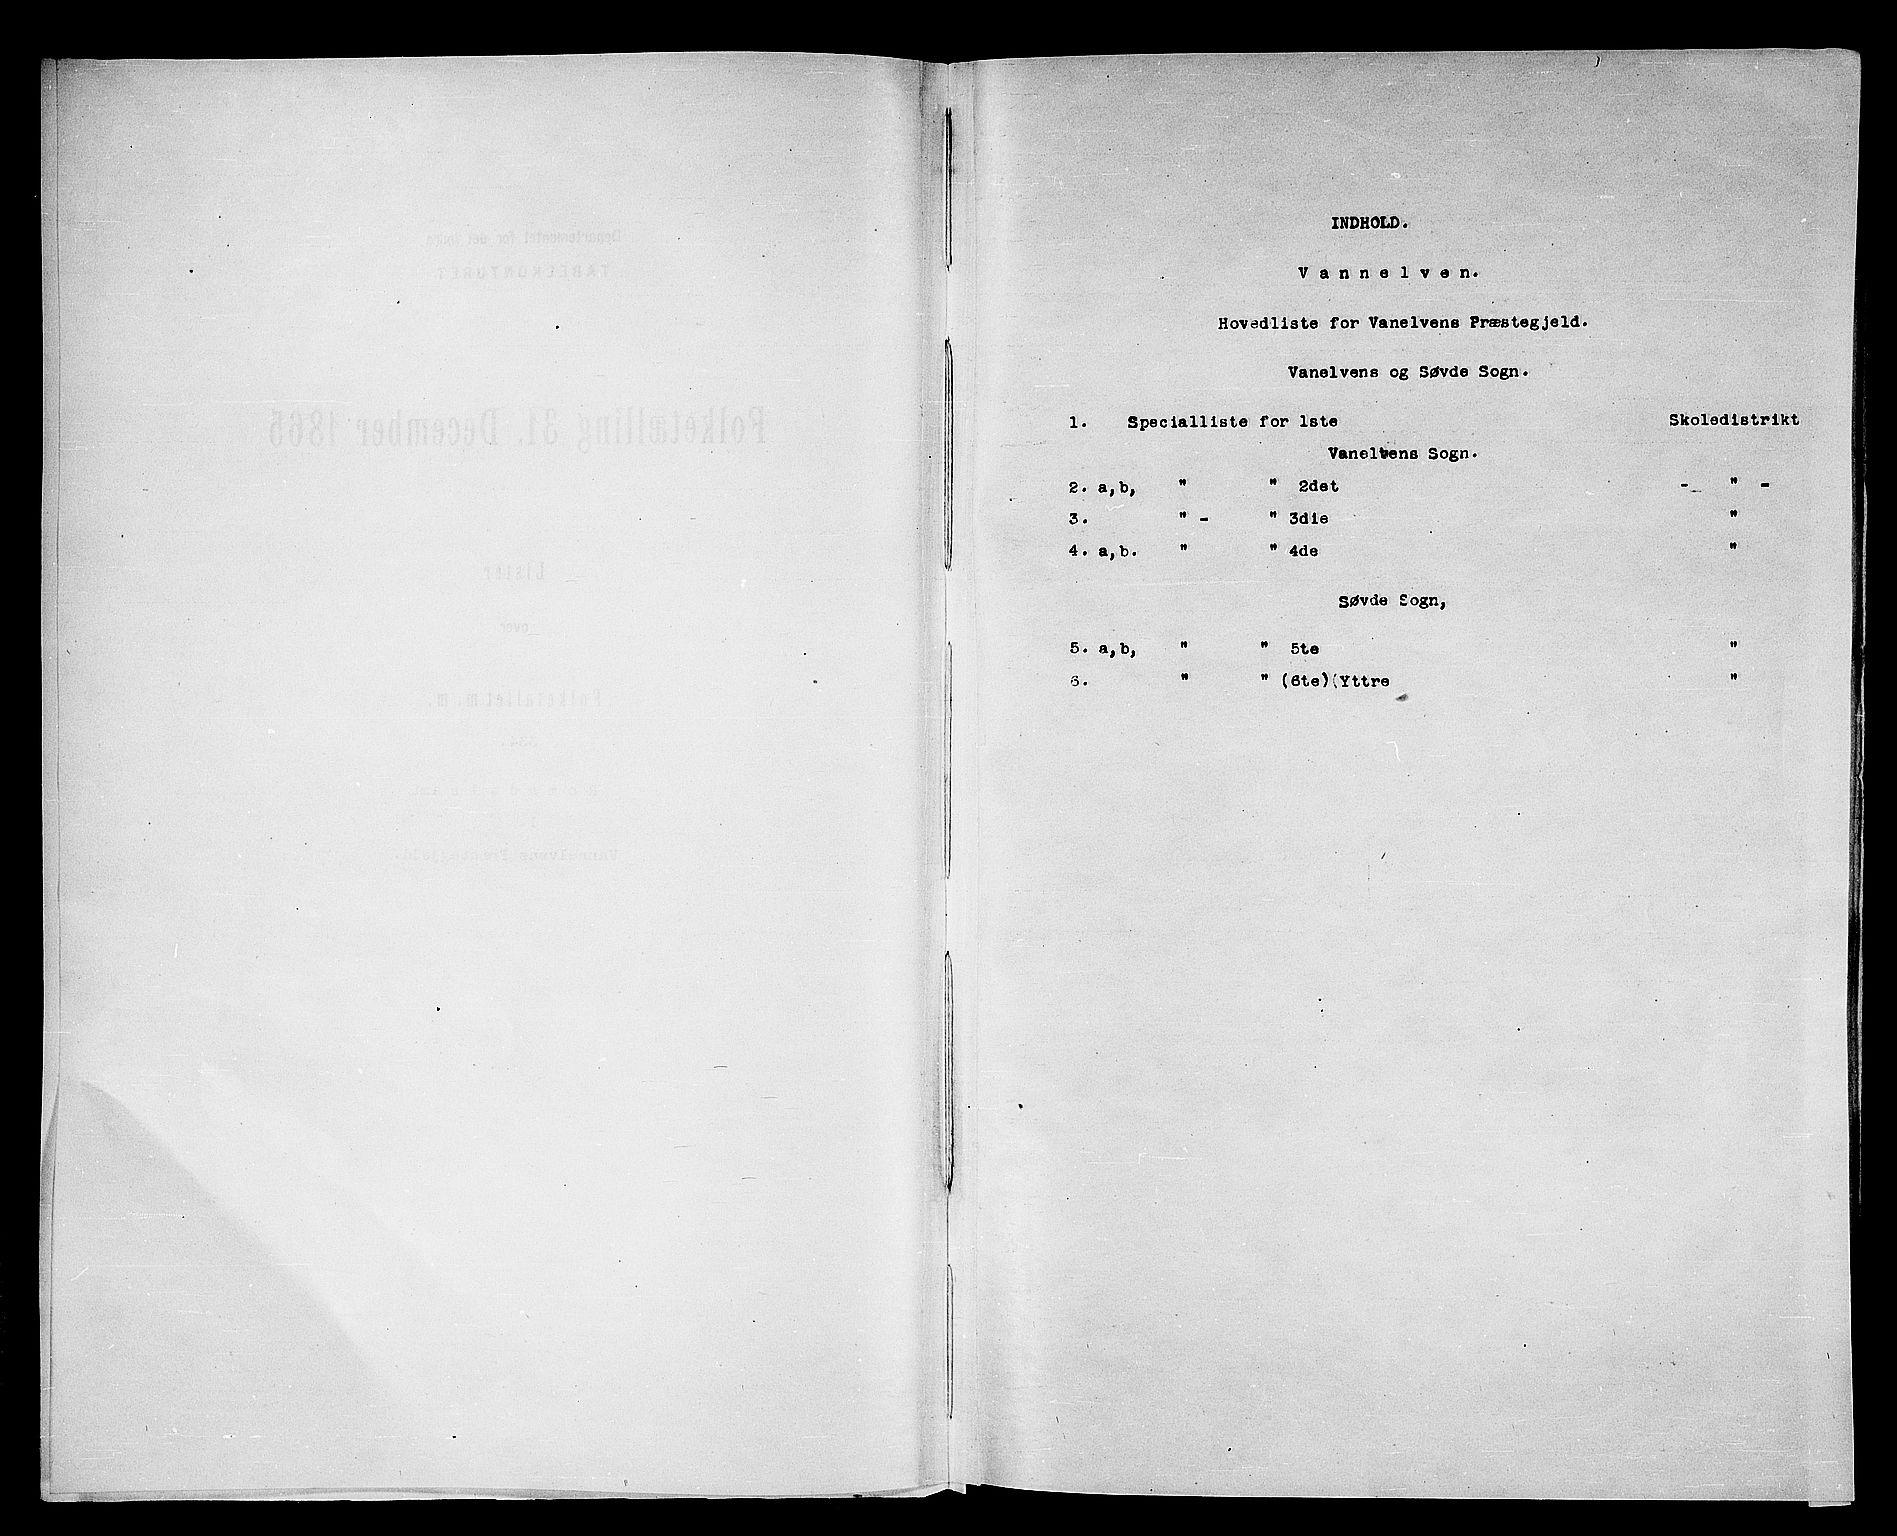 RA, Folketelling 1865 for 1511P Vanylven prestegjeld, 1865, s. 4